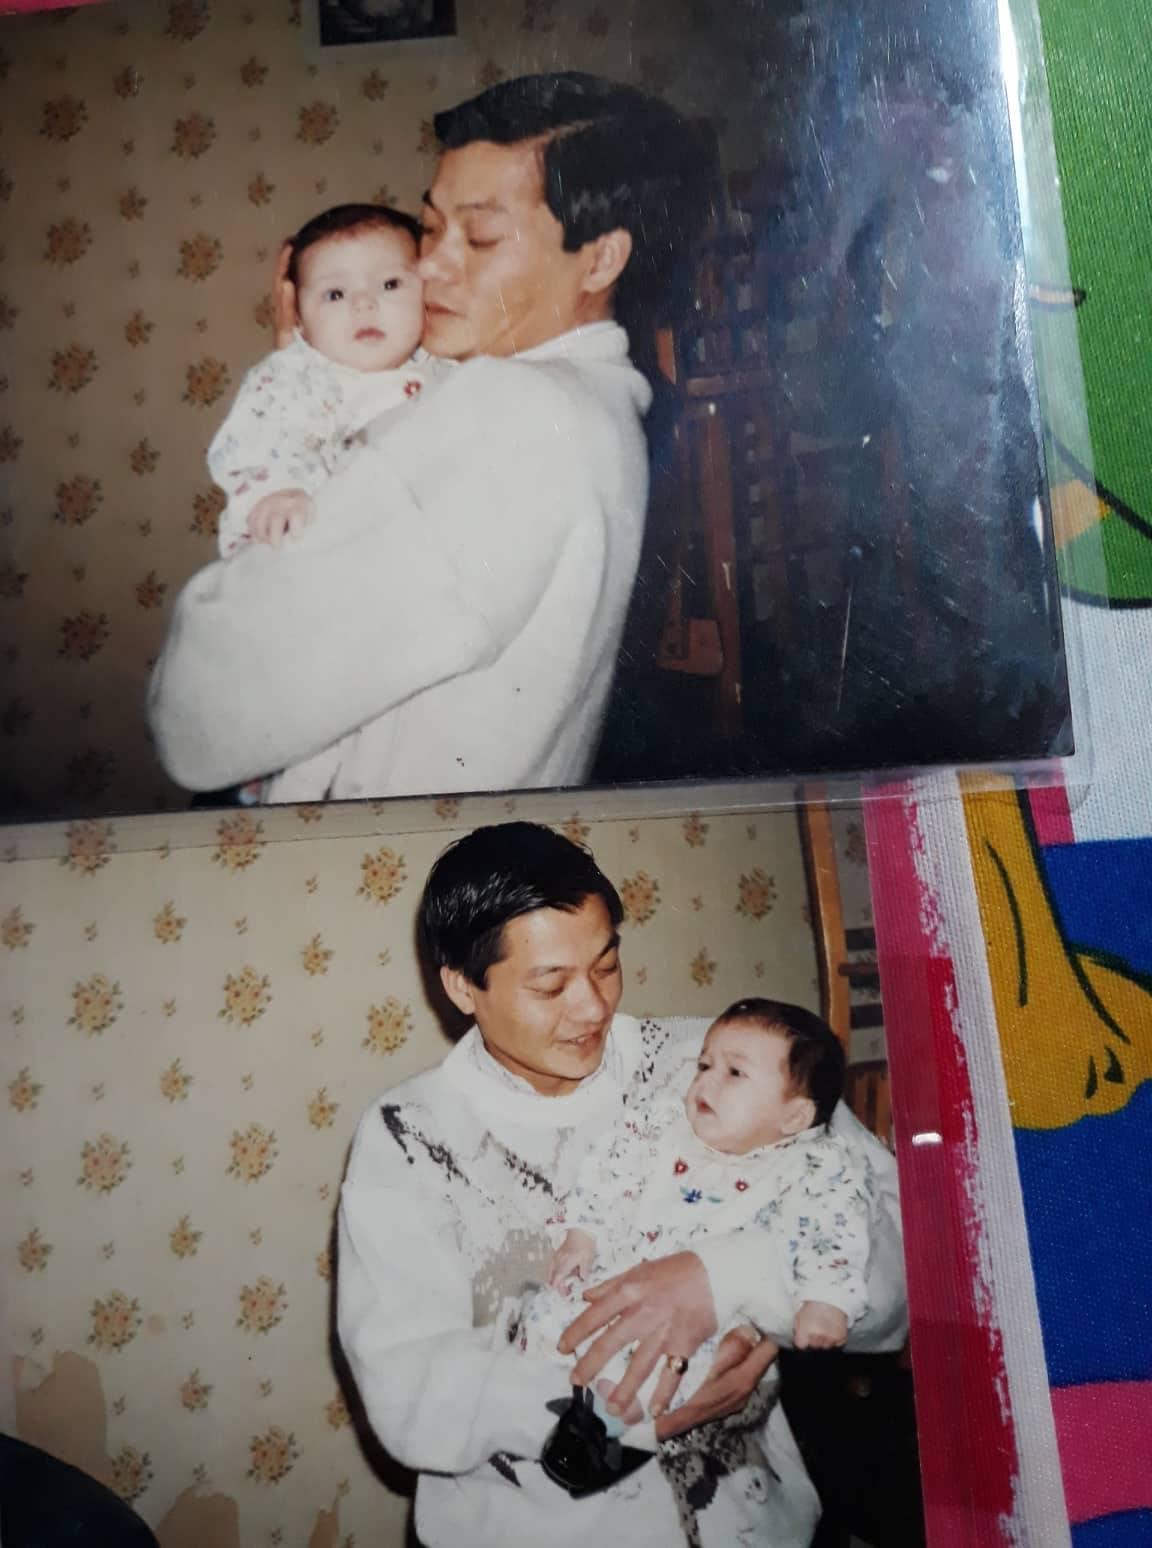 Bức ảnh thứ 2 Lys có, sau 25 năm chưa từng ở cạnh cha mình. Ảnh: Bà Rịa Youth